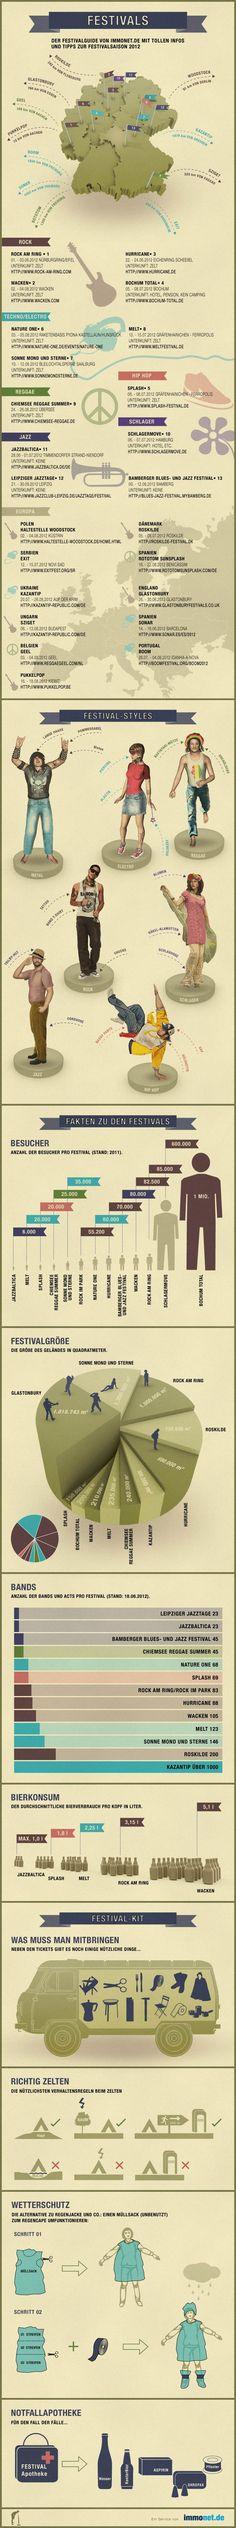 Festival Saison!